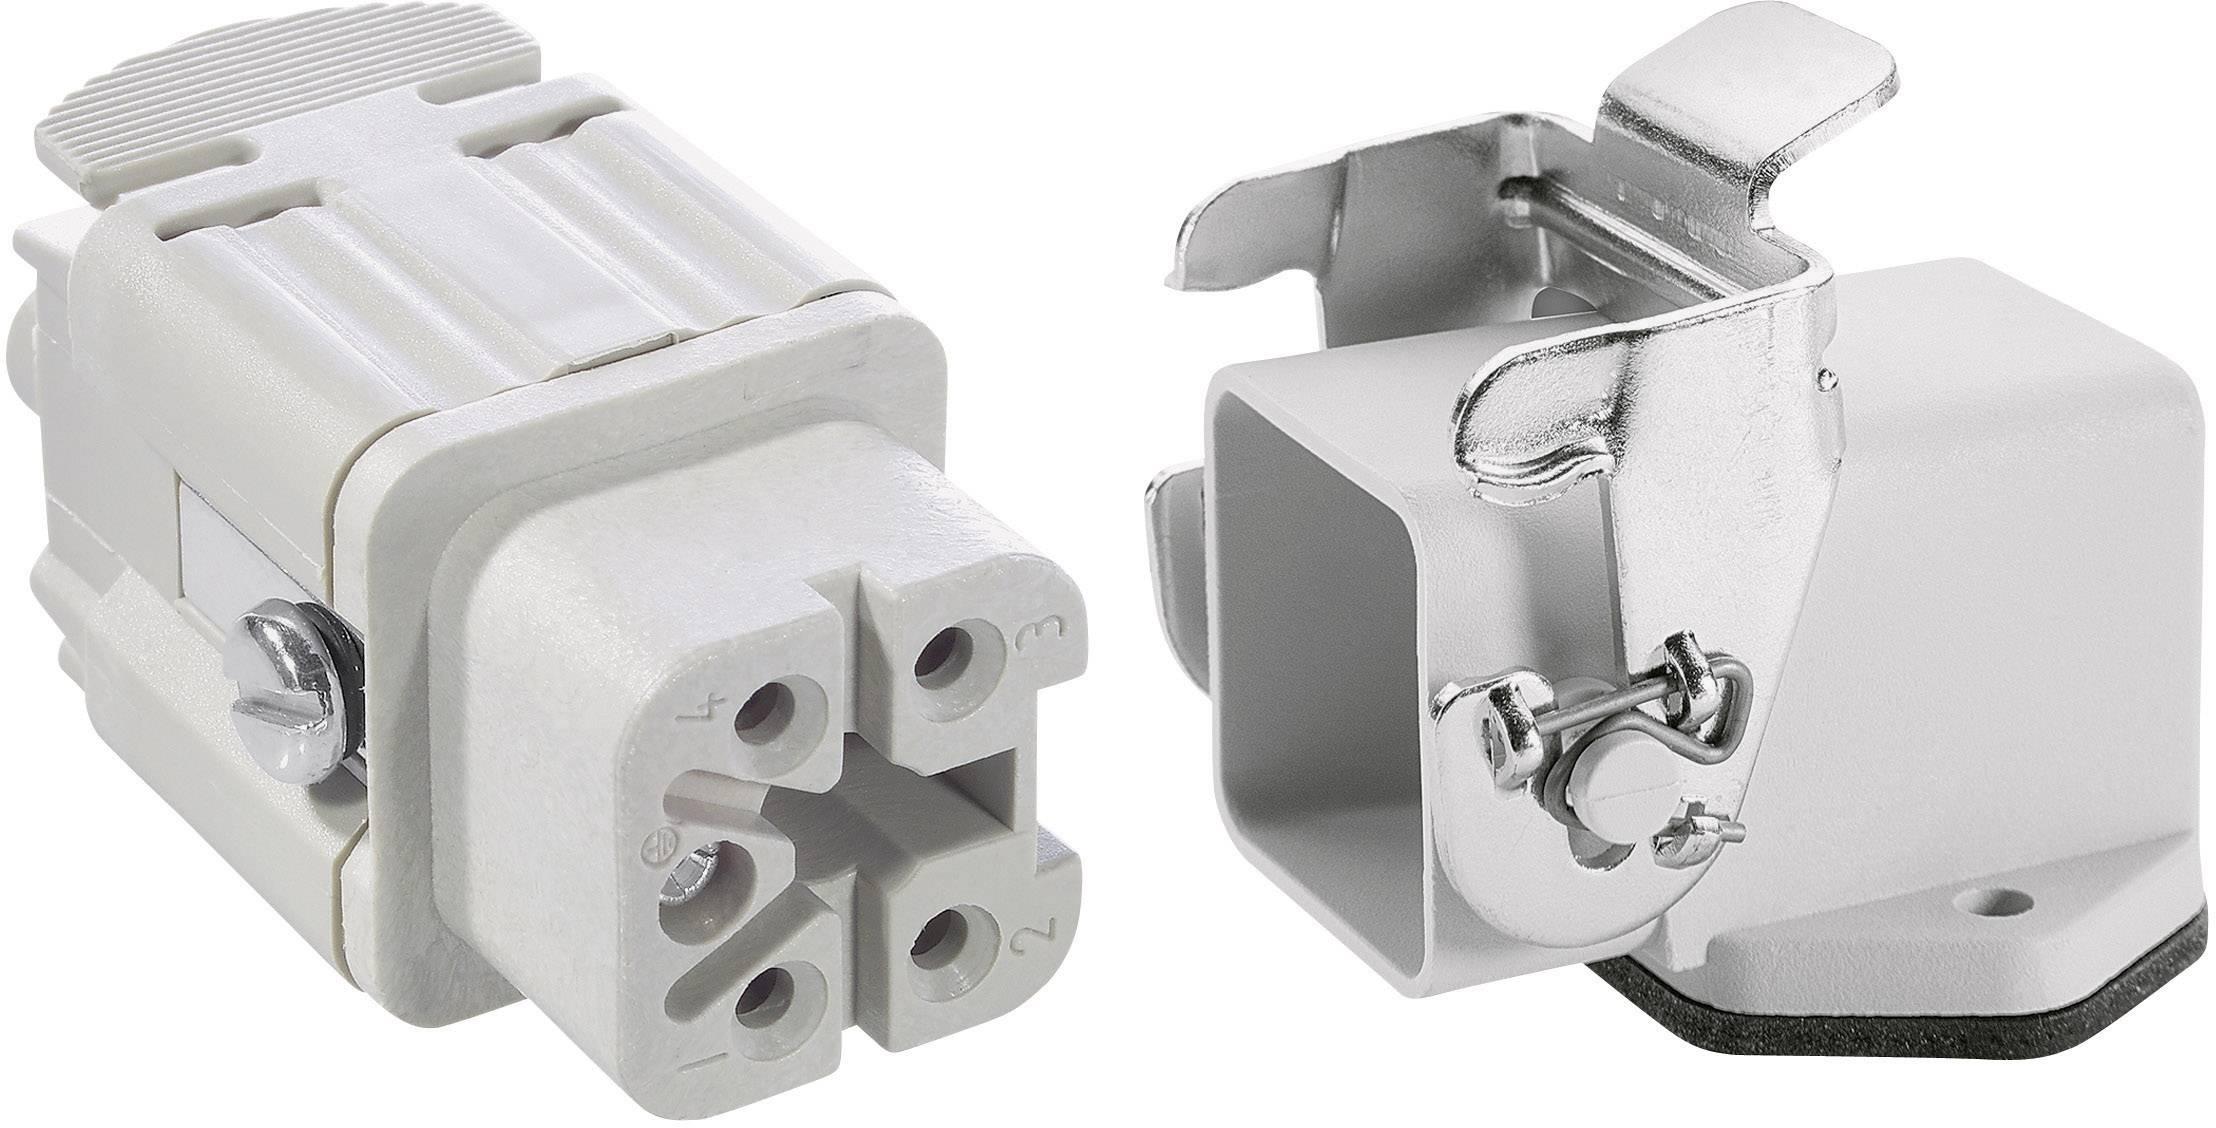 Sada konektorů EPIC®KIT H-A 4 75009619 LappKabel 4 + PE šroubovací 1 sada